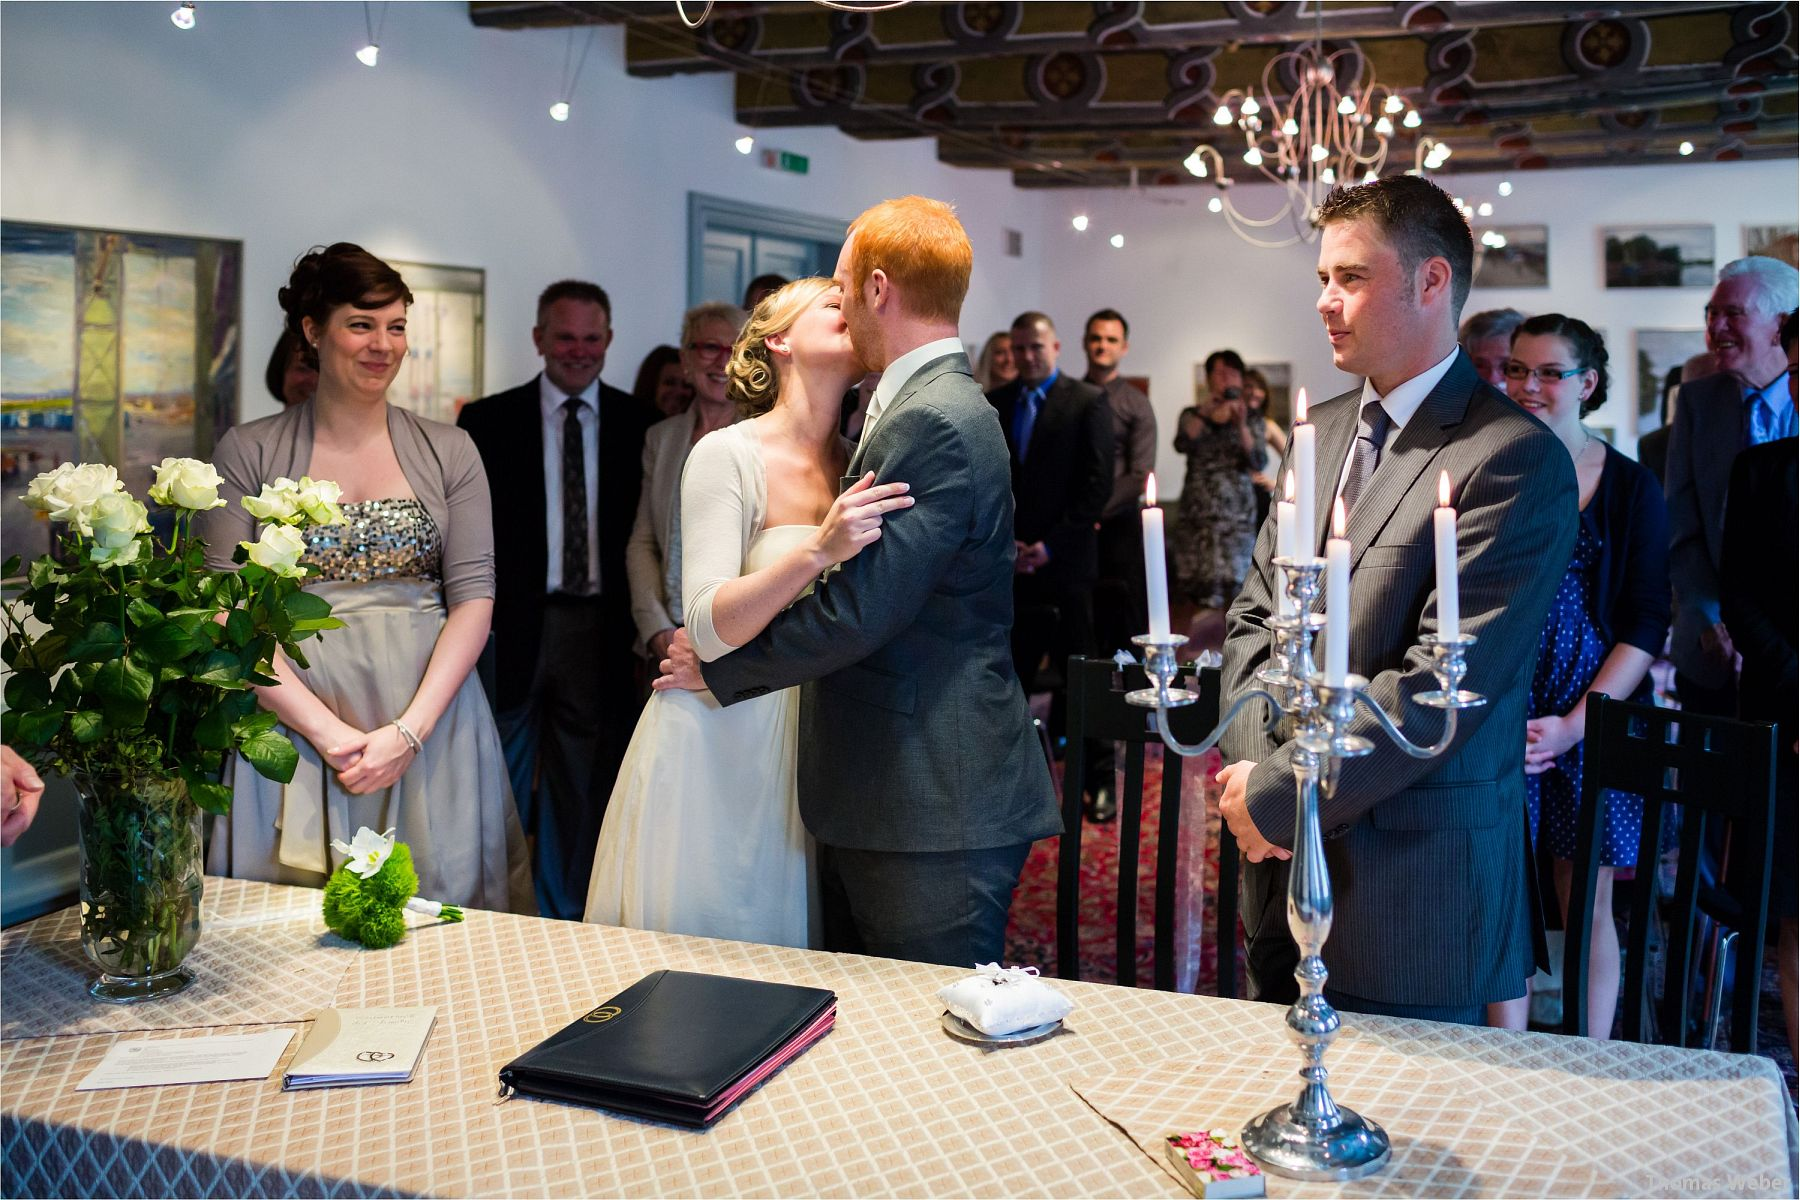 Hochzeitsfotograf Papenburg: Standesamtliche Trauung auf der Burg Kniphausen und Feier im Le Patron am Meer (10)